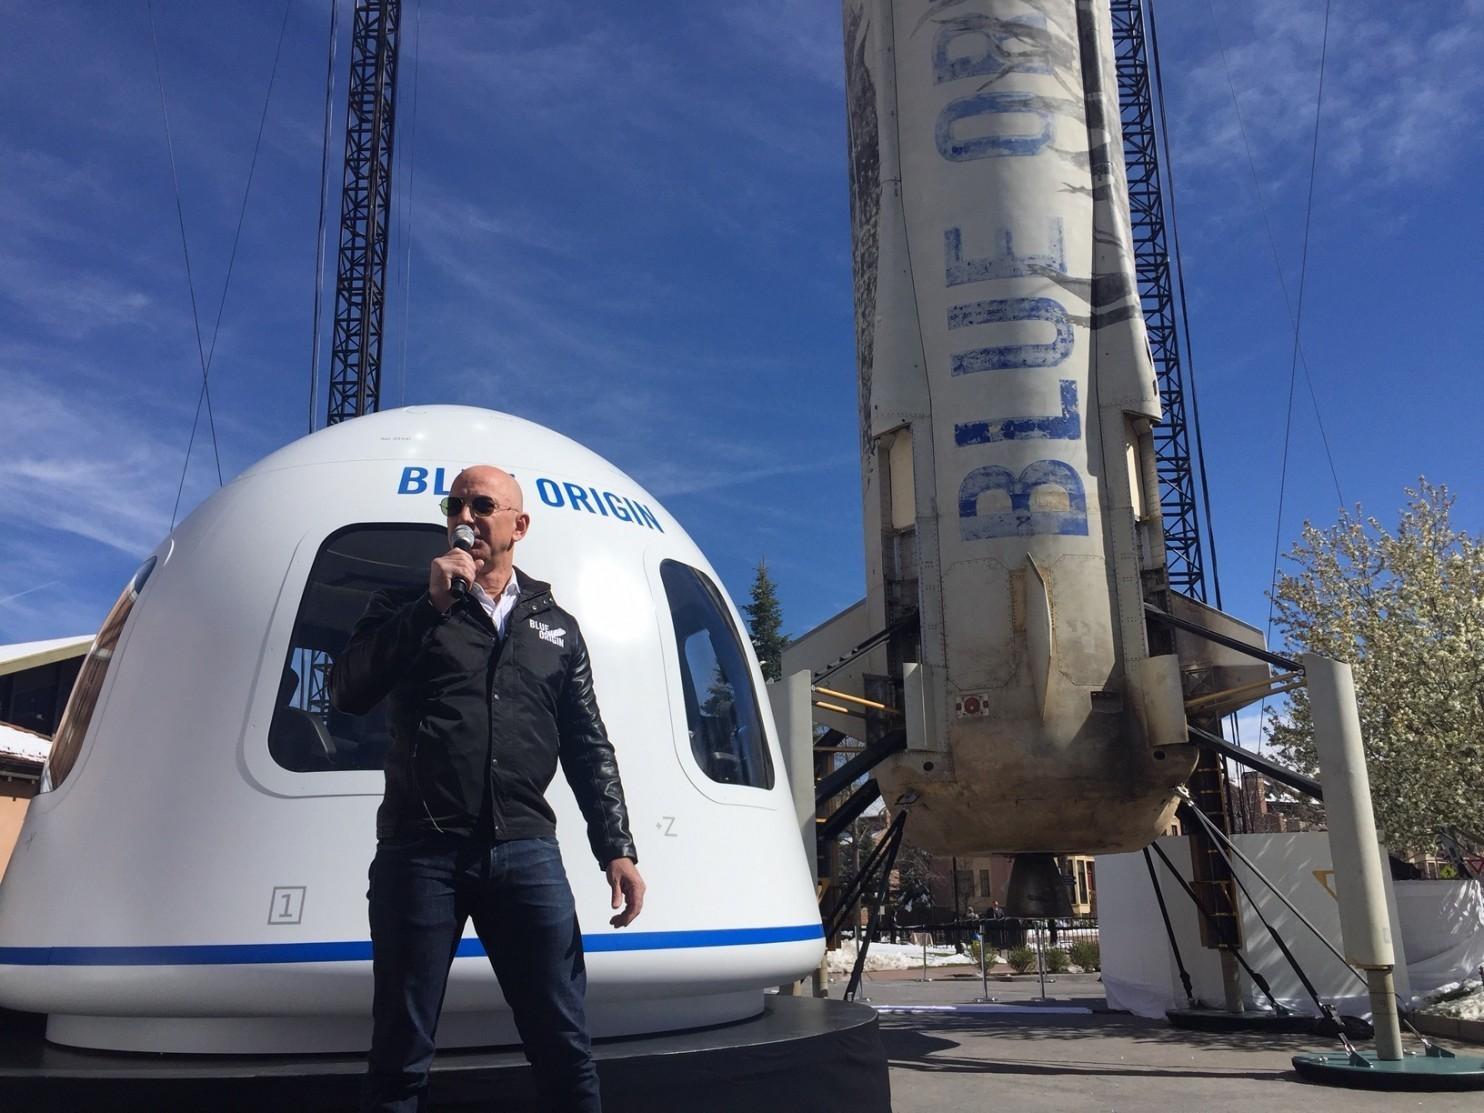 贝索斯展示太空游览舱:白色舱壁铺有软垫和把手